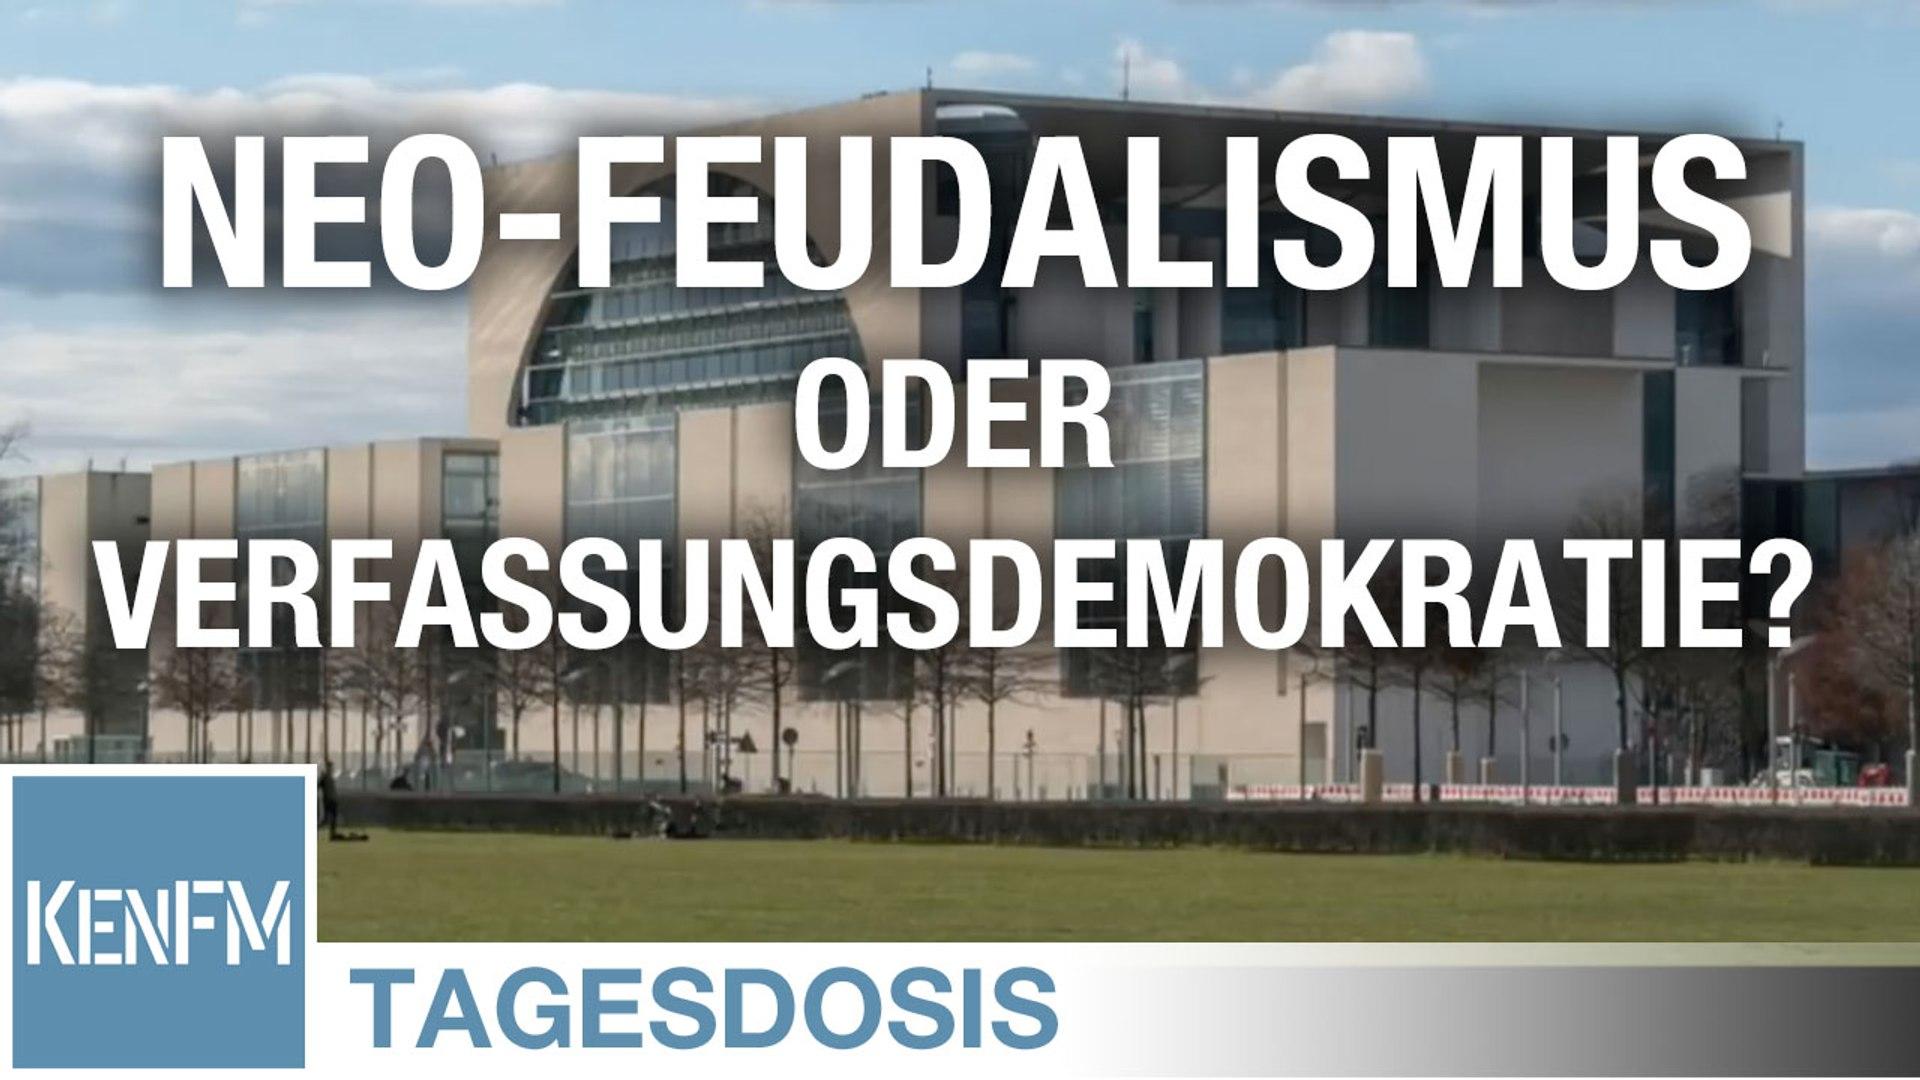 Tagesdosis 9.5.2019 - Wir haben (noch) die Wahl: Neo-Feudalismus oder Verfassungsdemokratie?